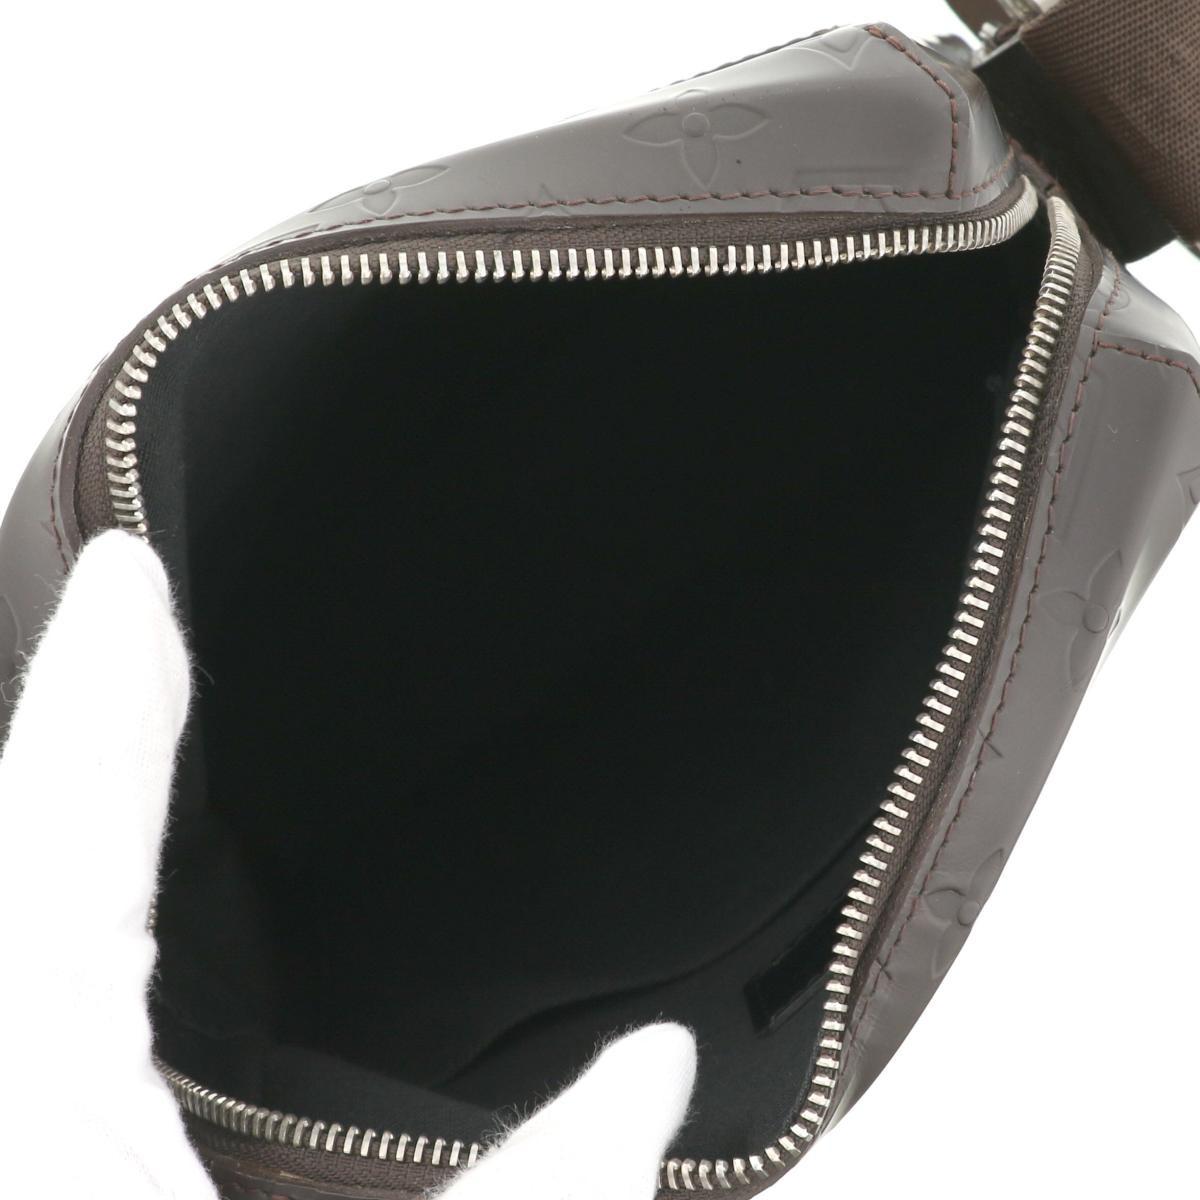 【中古】LOUIS VUITTON (ルイヴィトン) ボビー バッグ ショルダー/メッセンジャーバッグ  Brown M46520 used:B